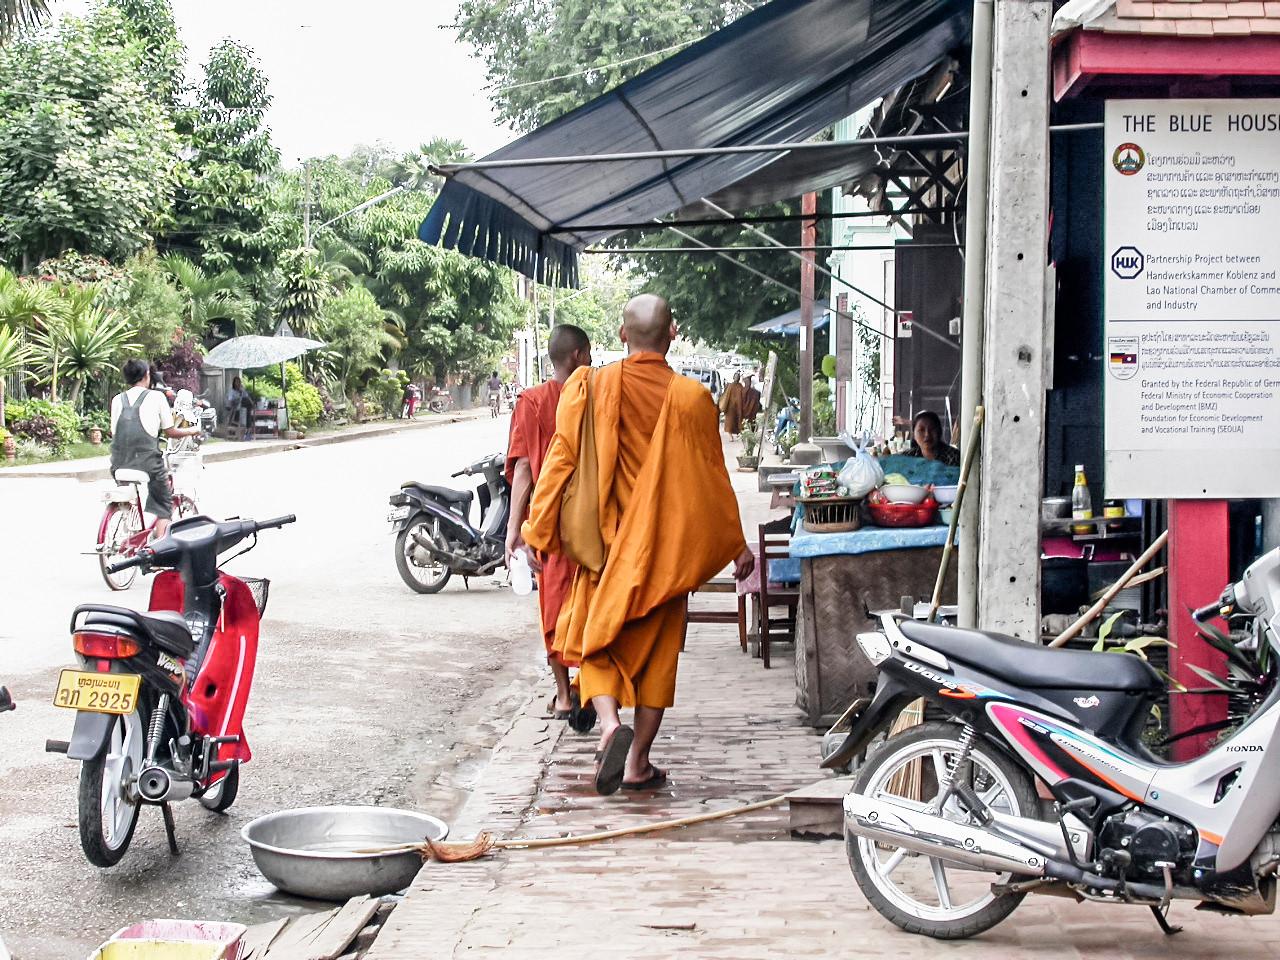 Luang Prabang, Laos 2002